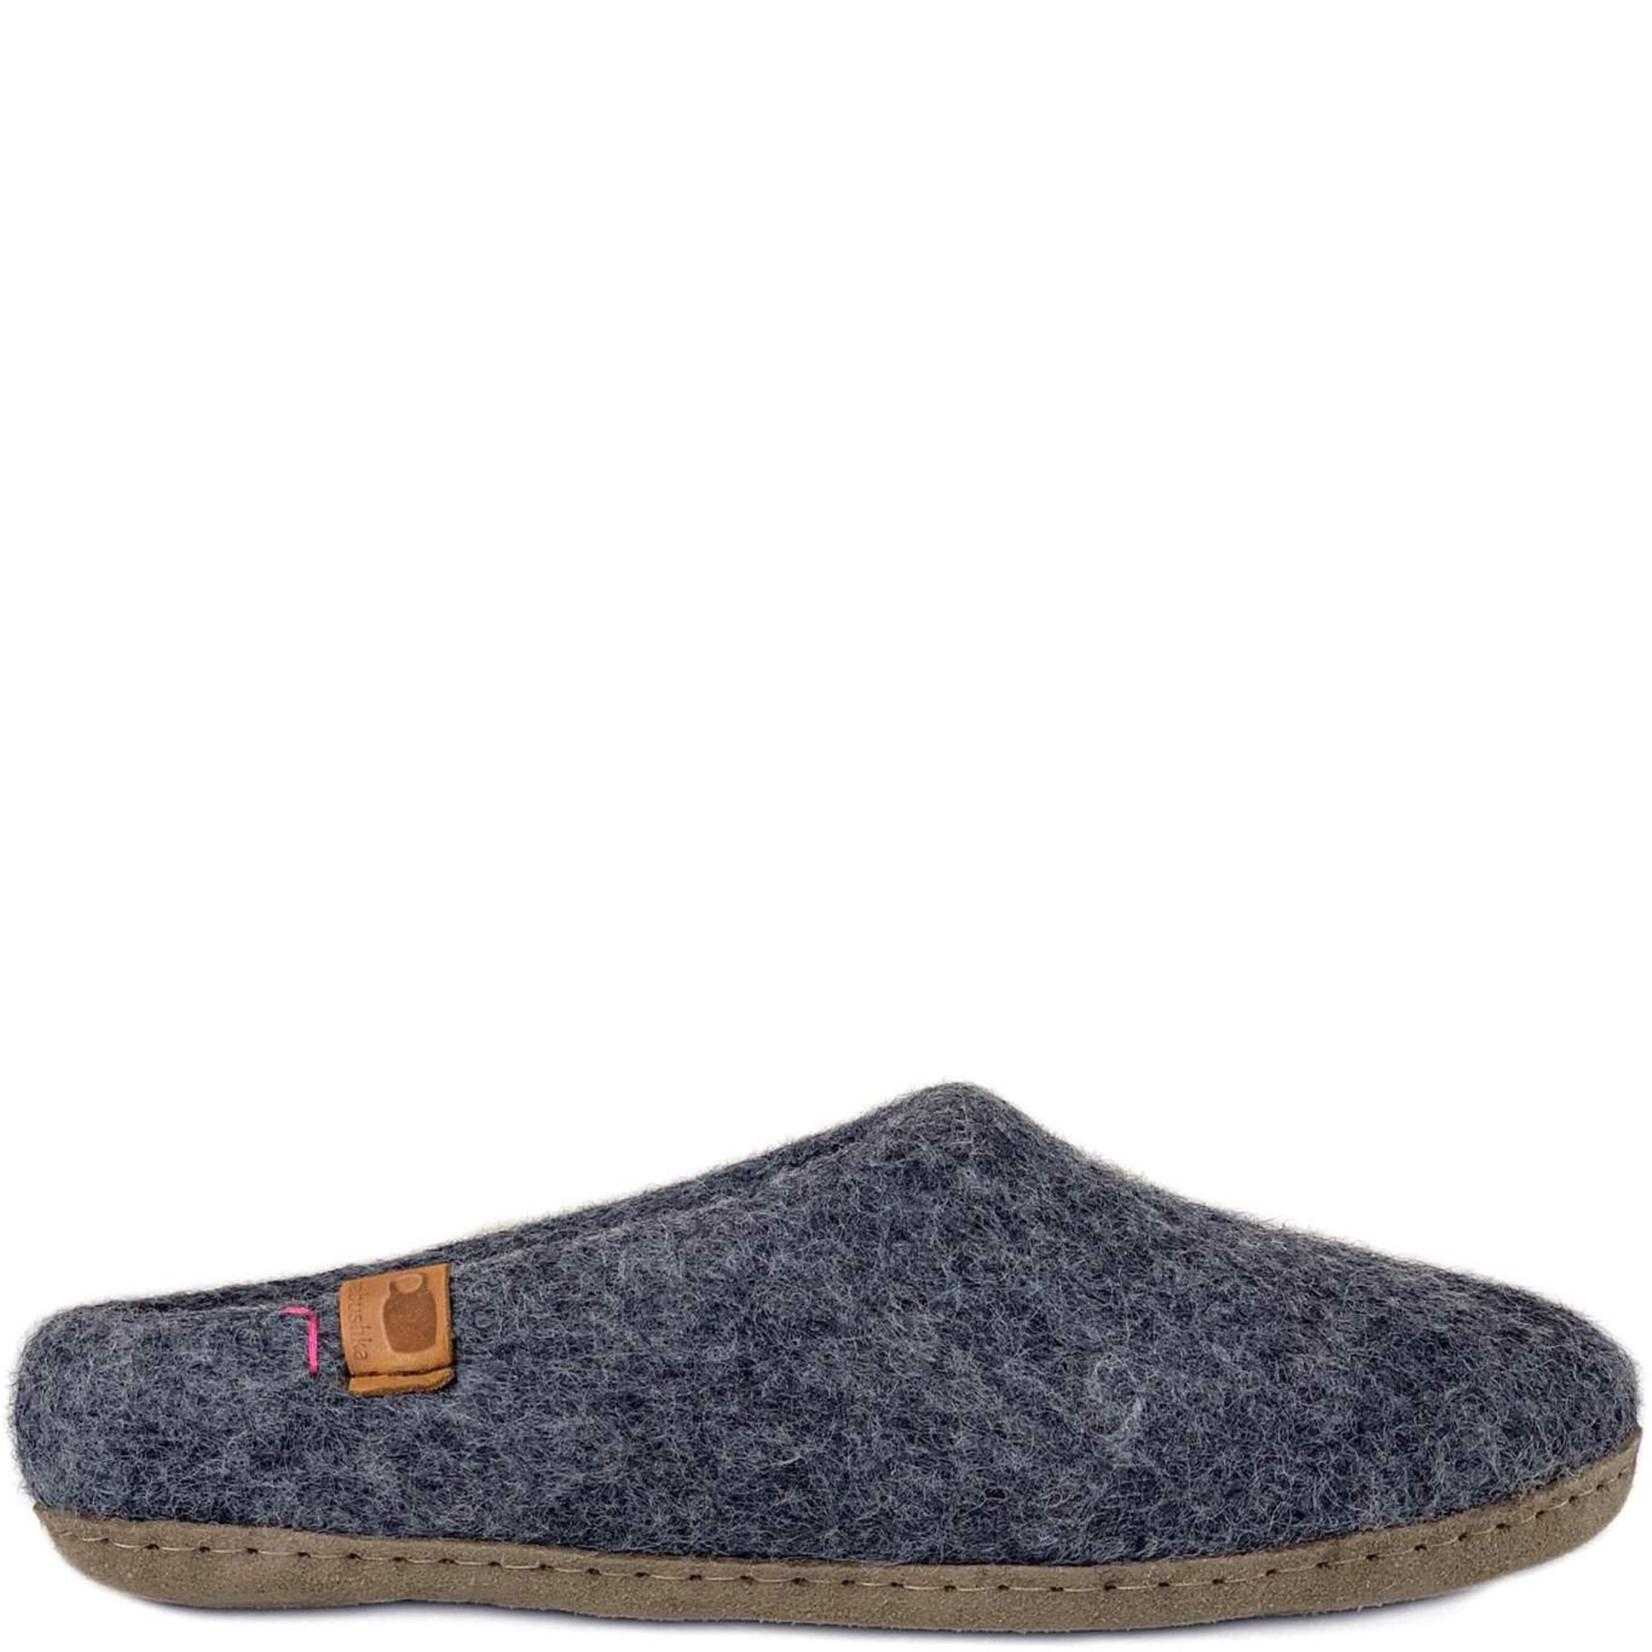 Baabushka Wool Slippers Gray